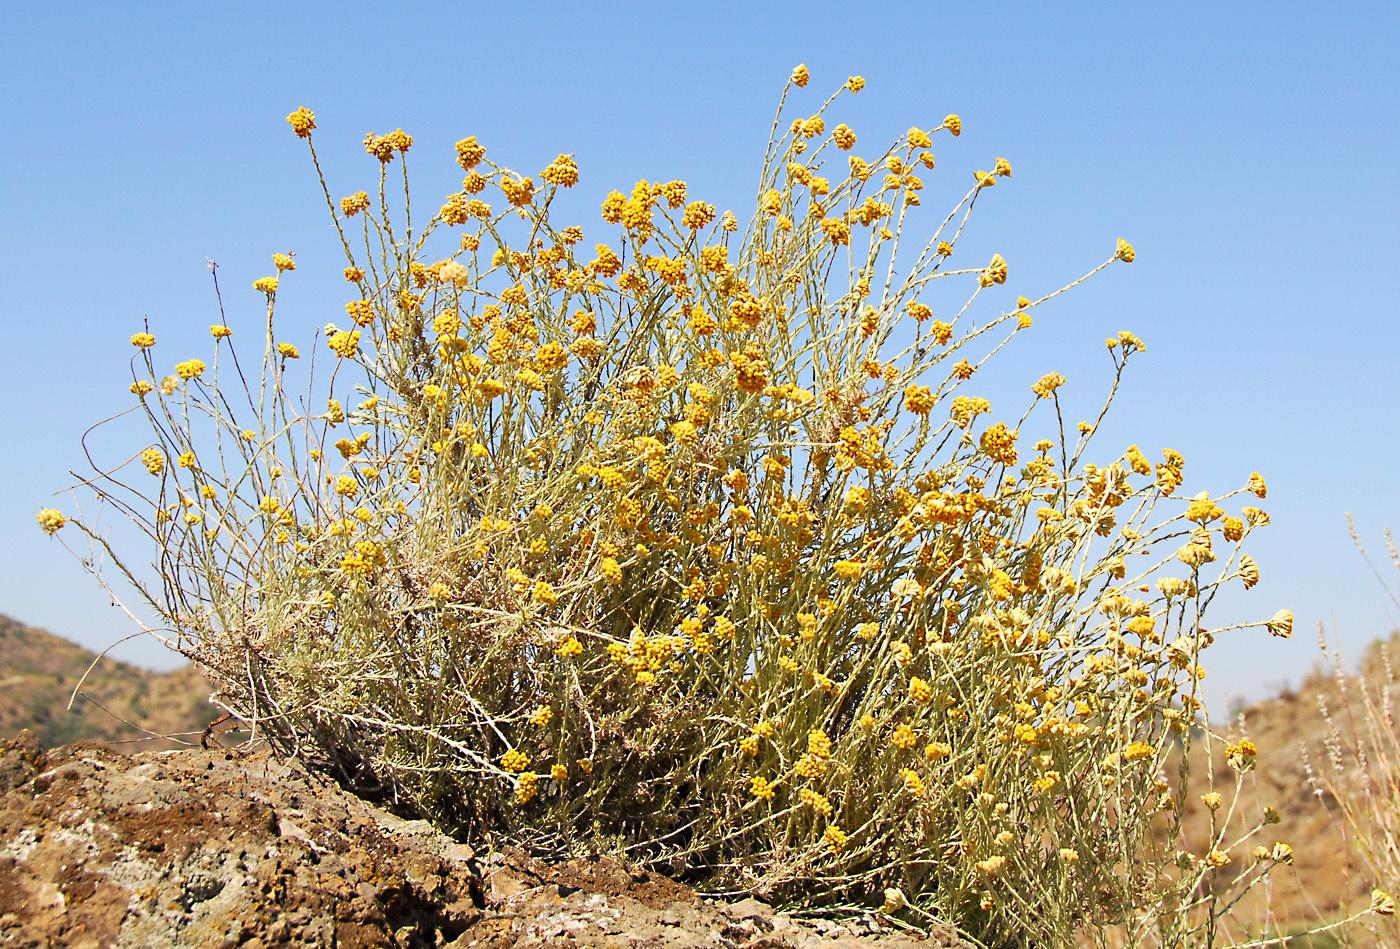 https://pictures.bgbm.org/digilib/Scaler?fn=Cyprus/Helichrysum_italicum_A1.jpg&mo=file